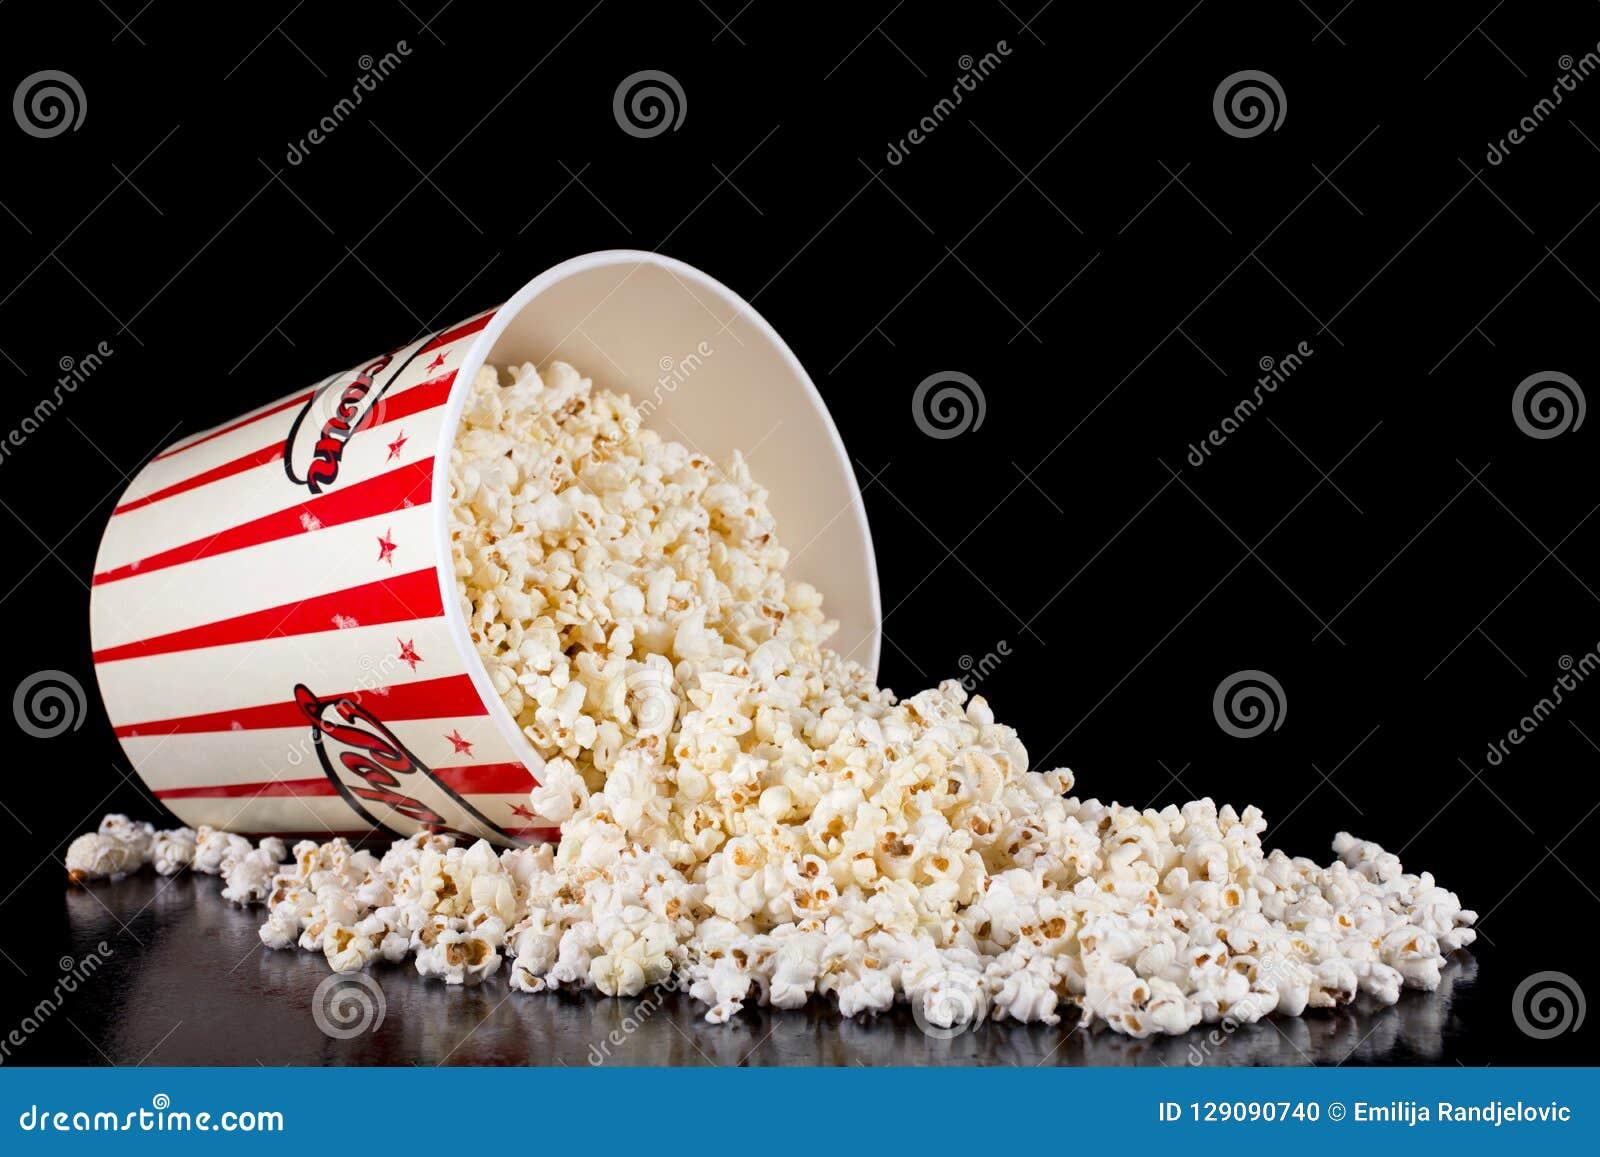 Il retro contenitore rosso e bianco di popcorn si è rovesciato sul nero